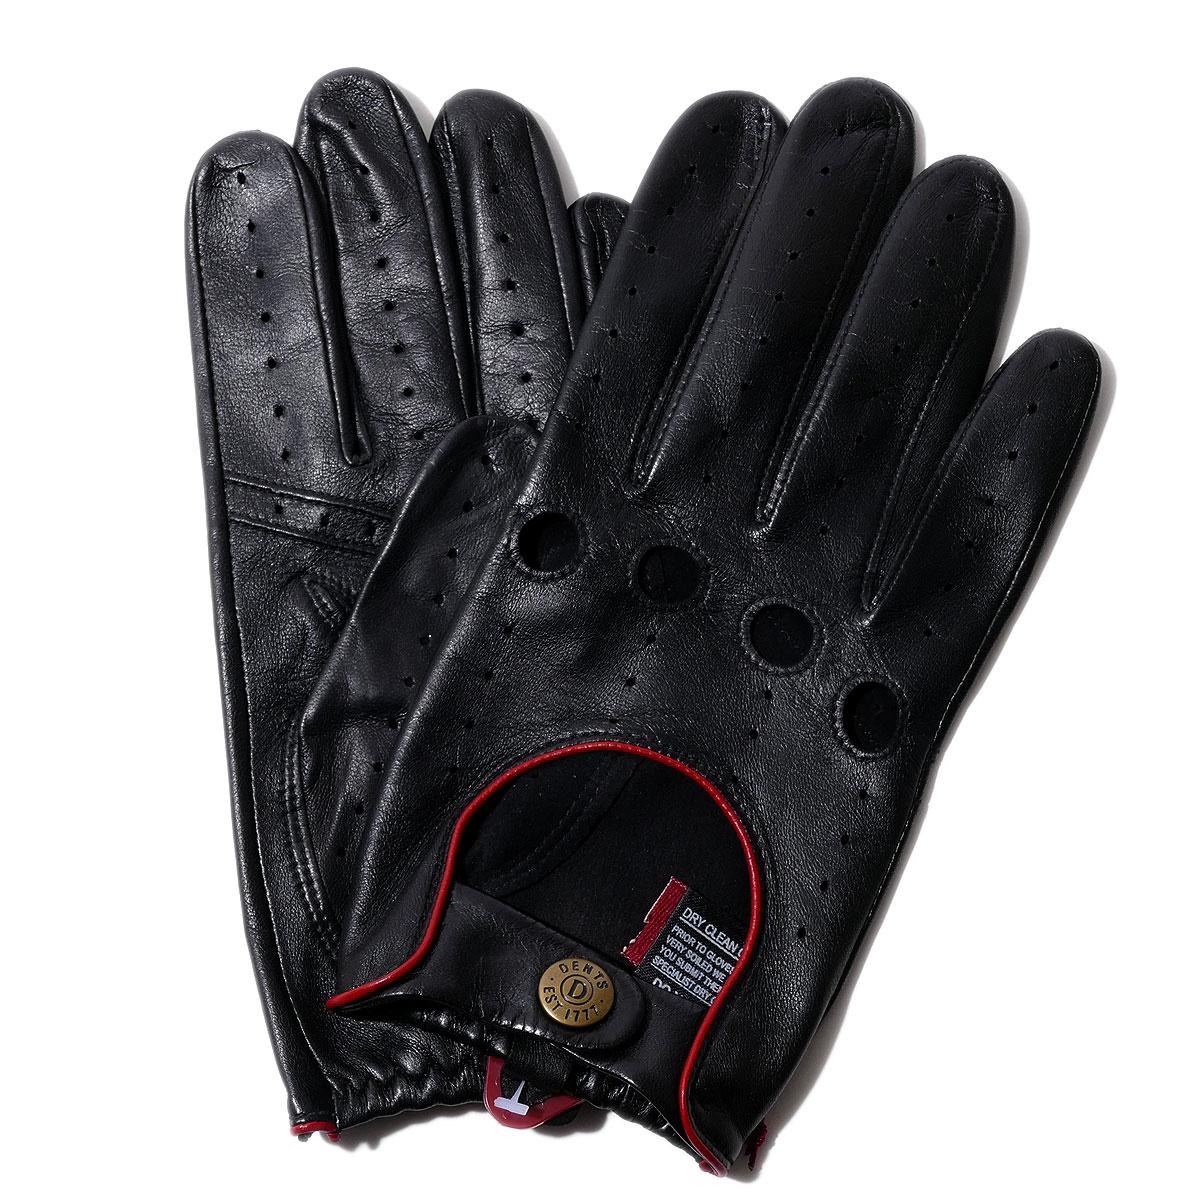 デンツ【送料無料】DENTS ドライビング グローブ 5-1014 Black/Berry メンズ 手袋【手ぶくろ 男性用 】 ブランド ギフト